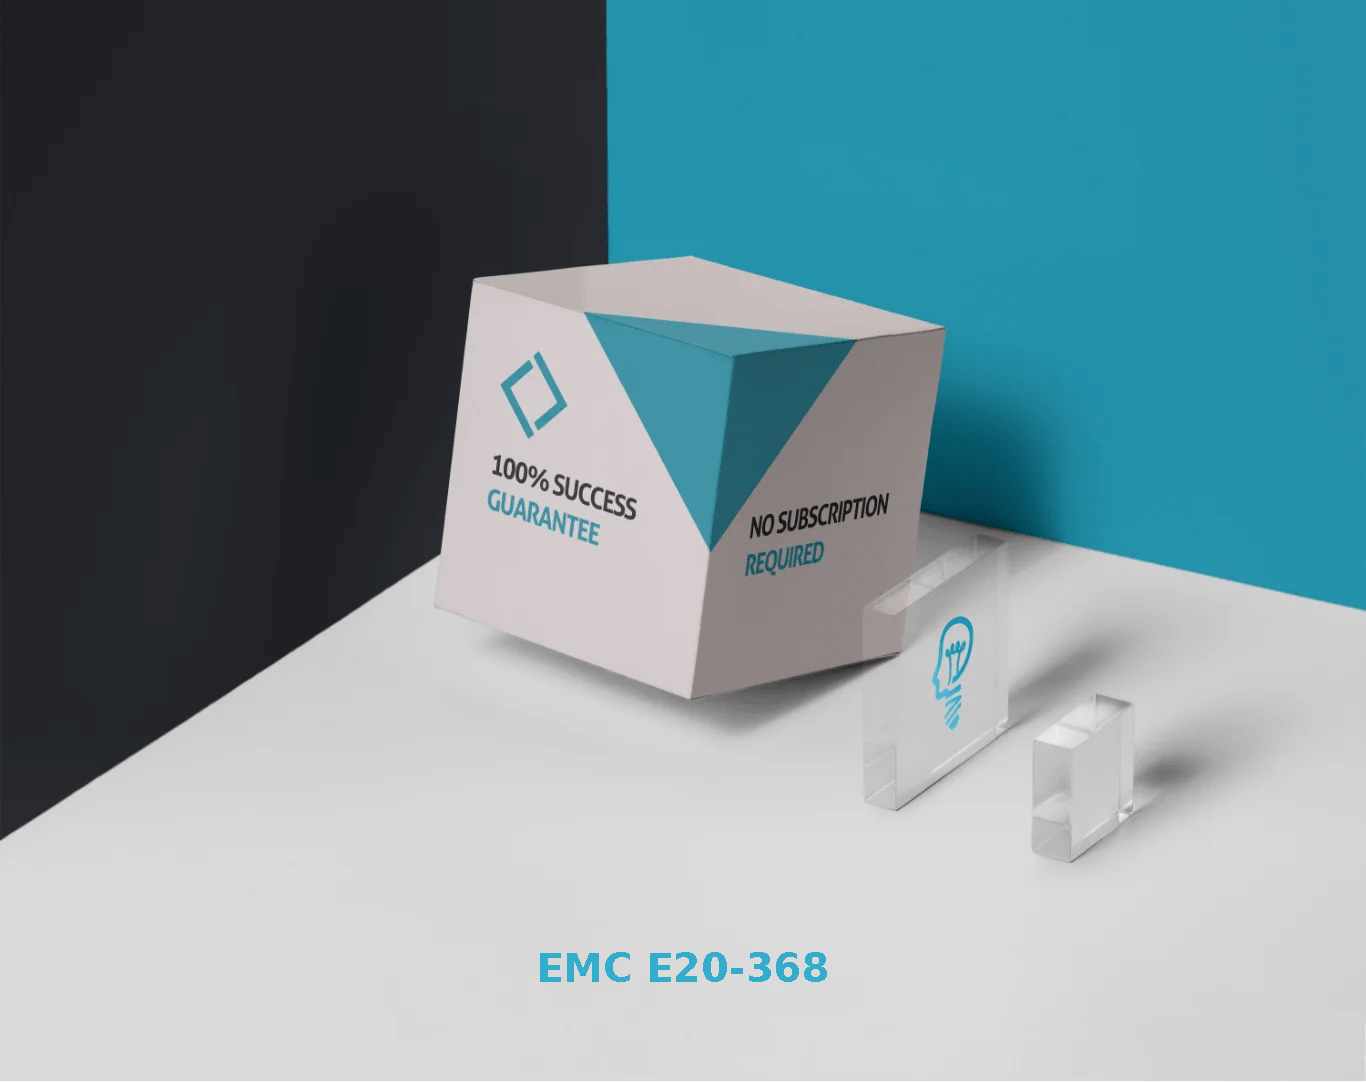 E20-368 Dumps